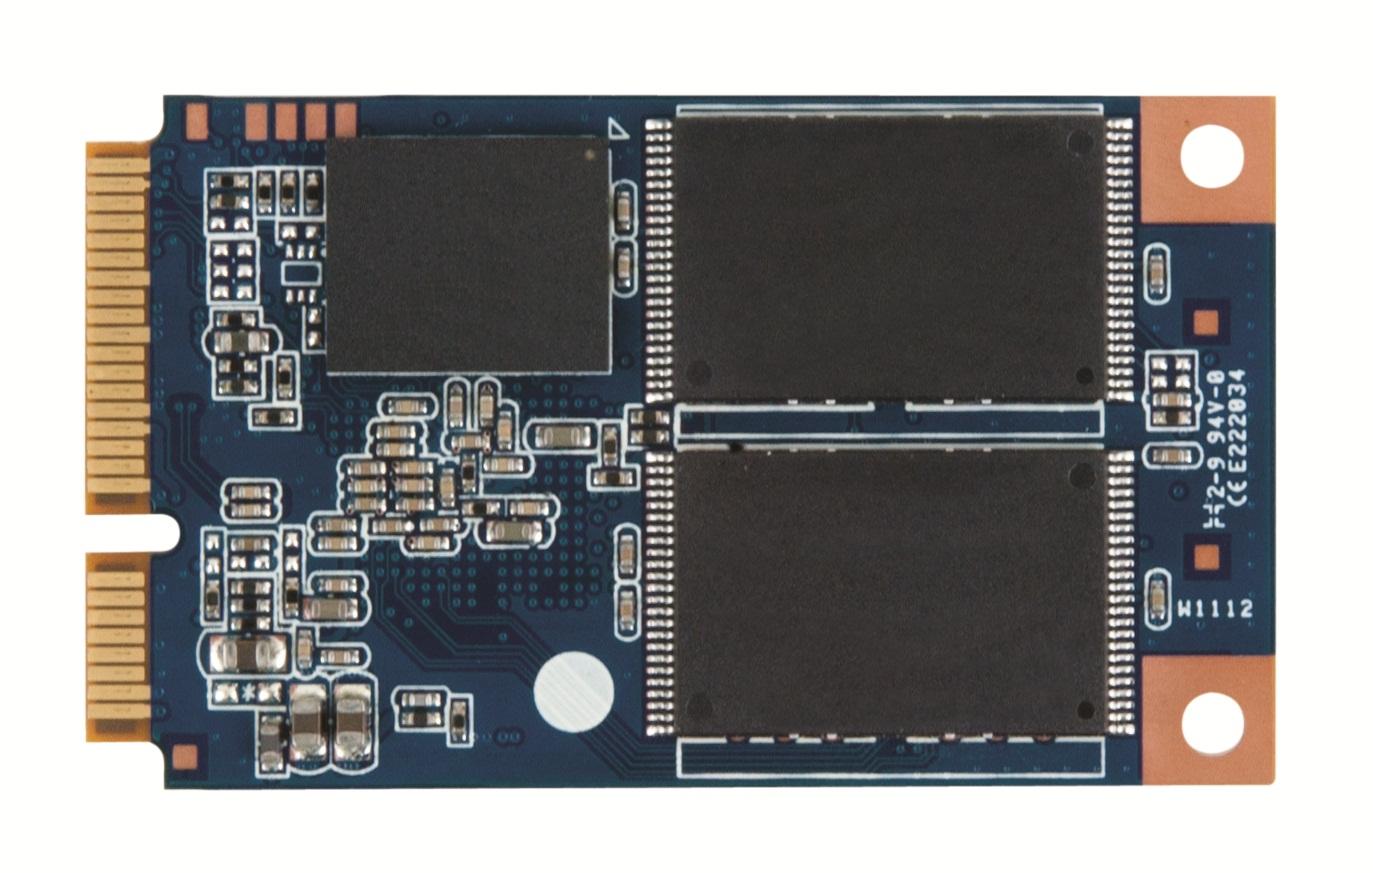 240GB SSDNow Kingston mSATA 3 (6Gbps)